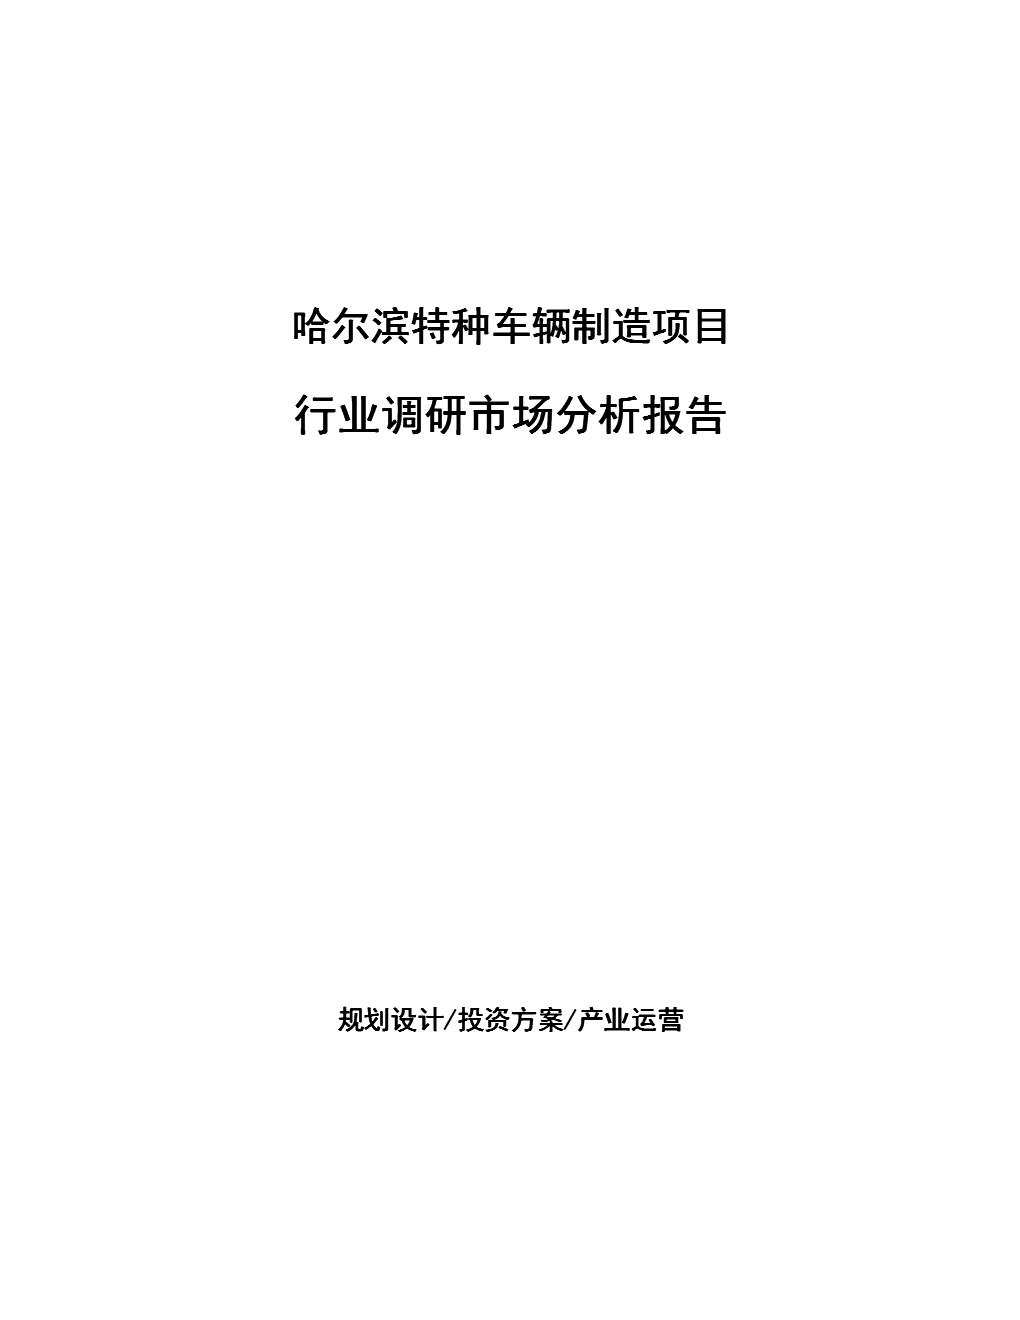 哈尔滨特种车辆制造项目行业调研市场分析报告.docx